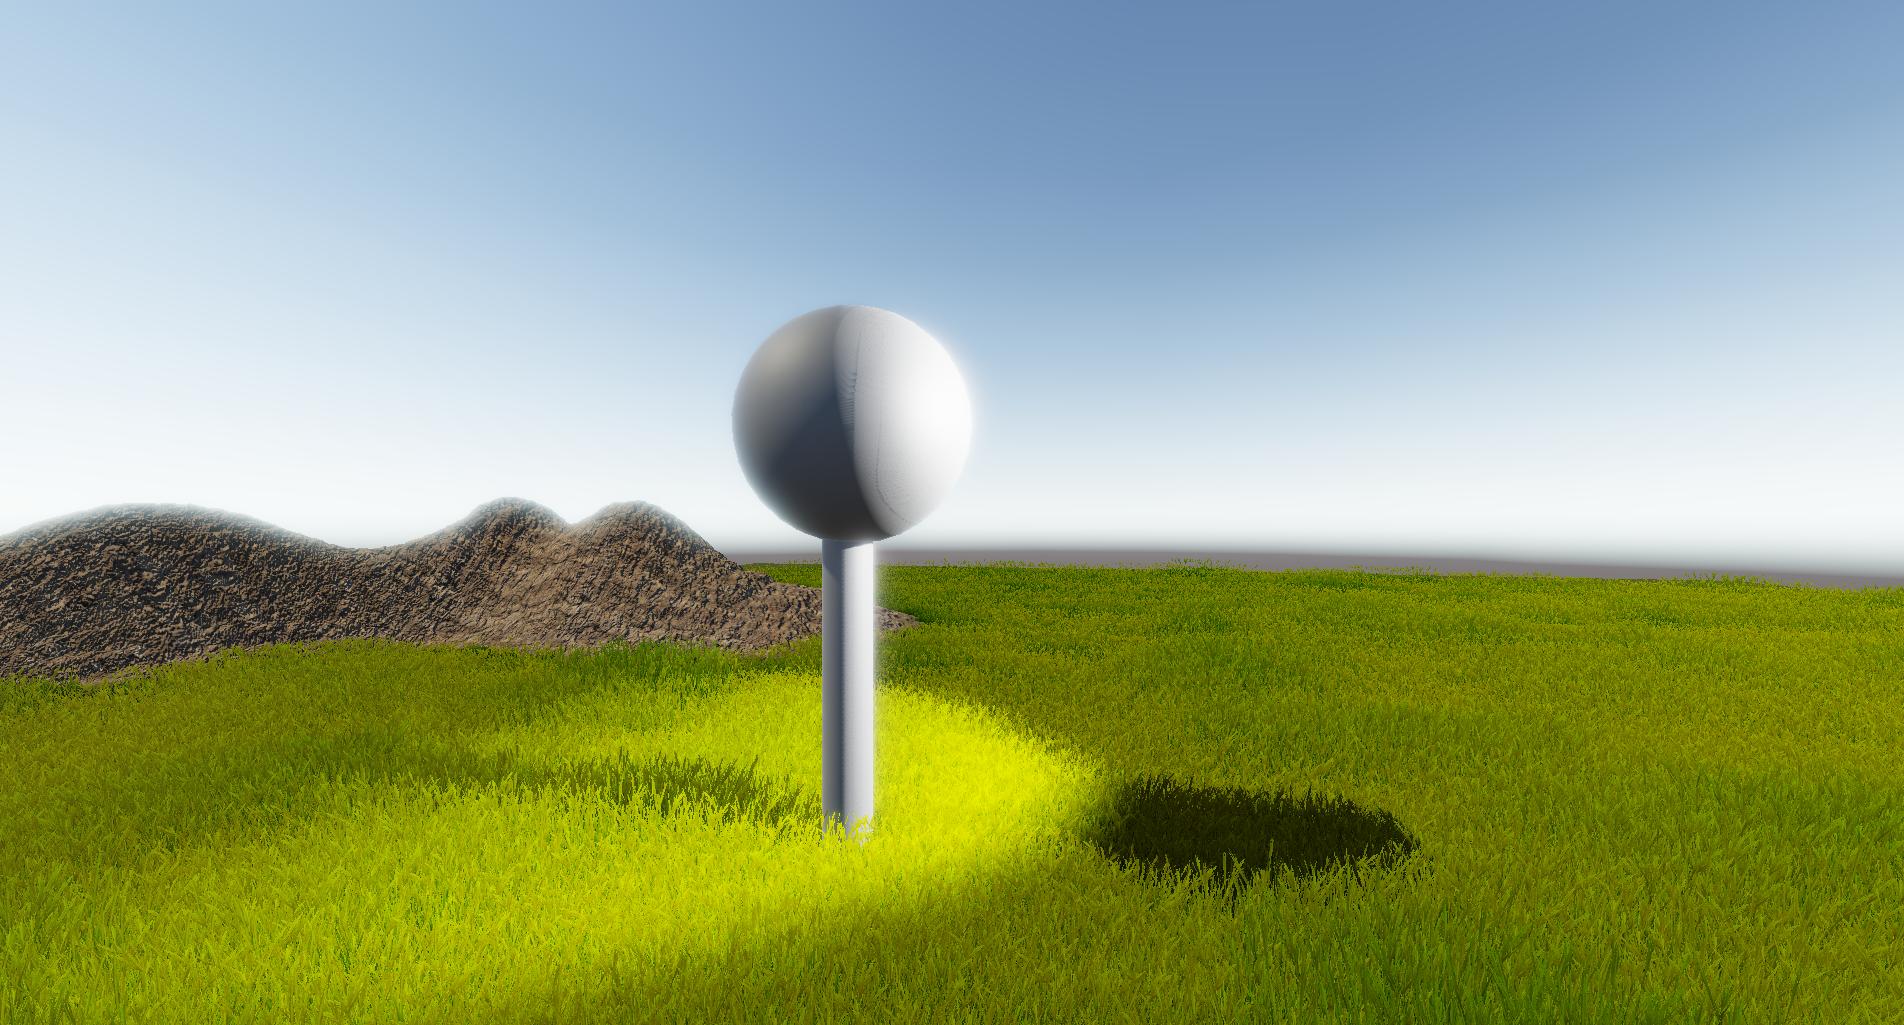 GitHub - Acrosicious/TerrainGrassShader: Real-time Terrain Grass